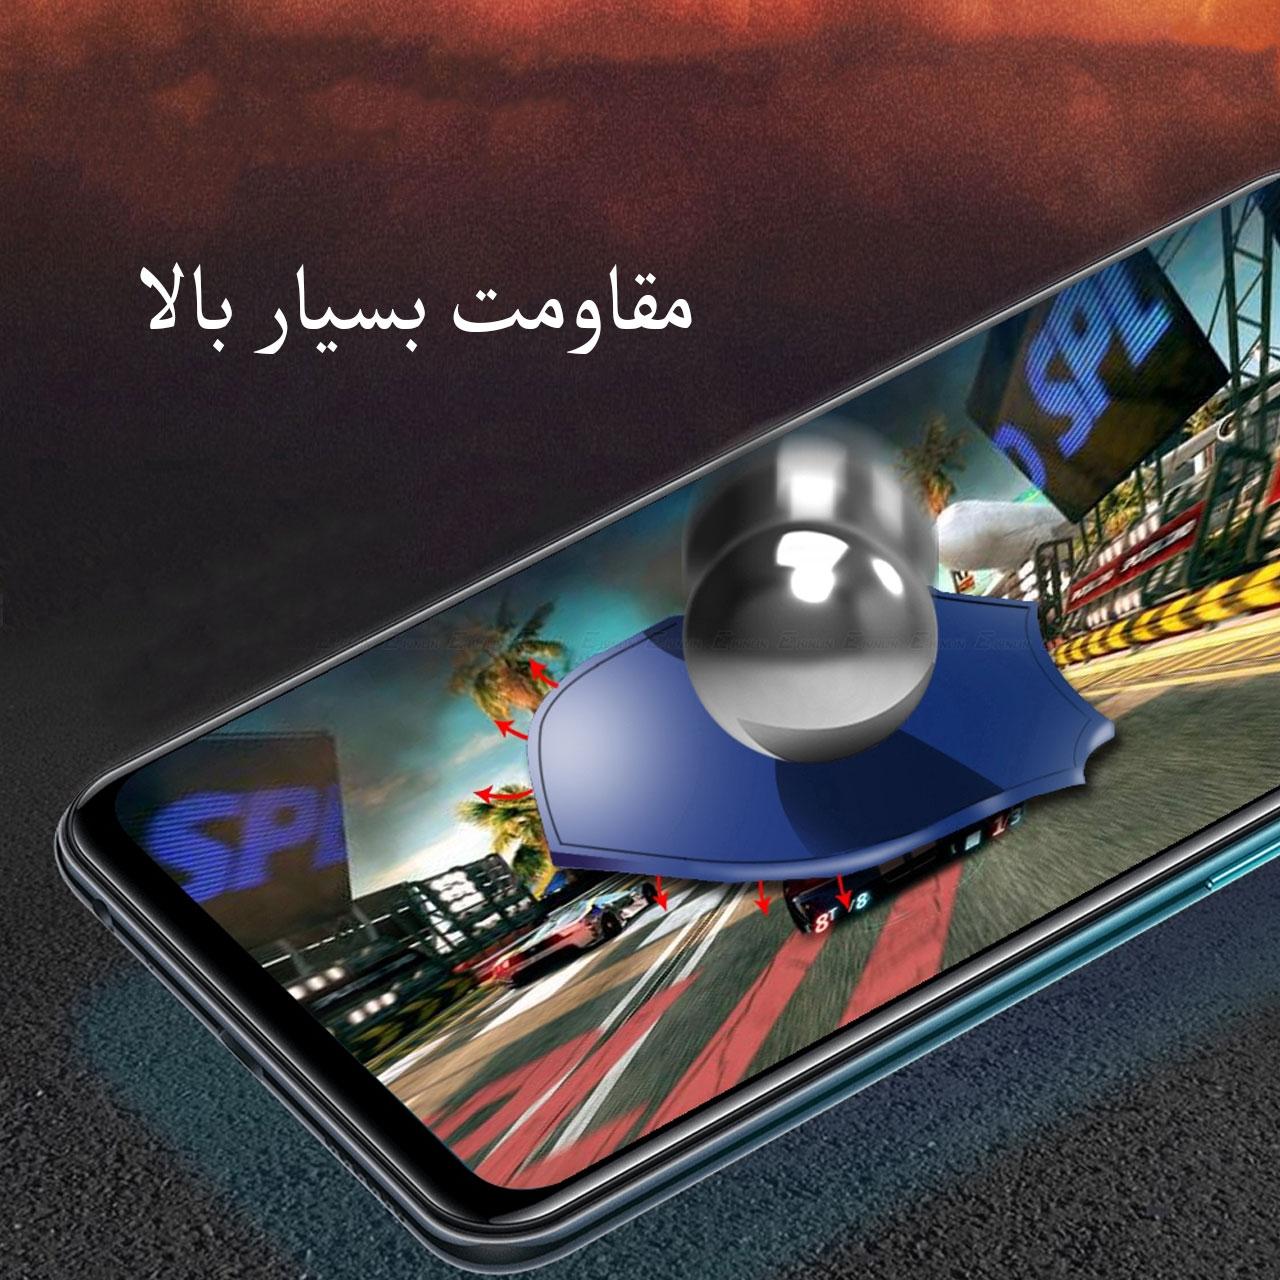 محافظ صفحه نمایش مدل FCG مناسب برای گوشی موبایل شیائومی Poco M3 بسته سه عددی main 1 9